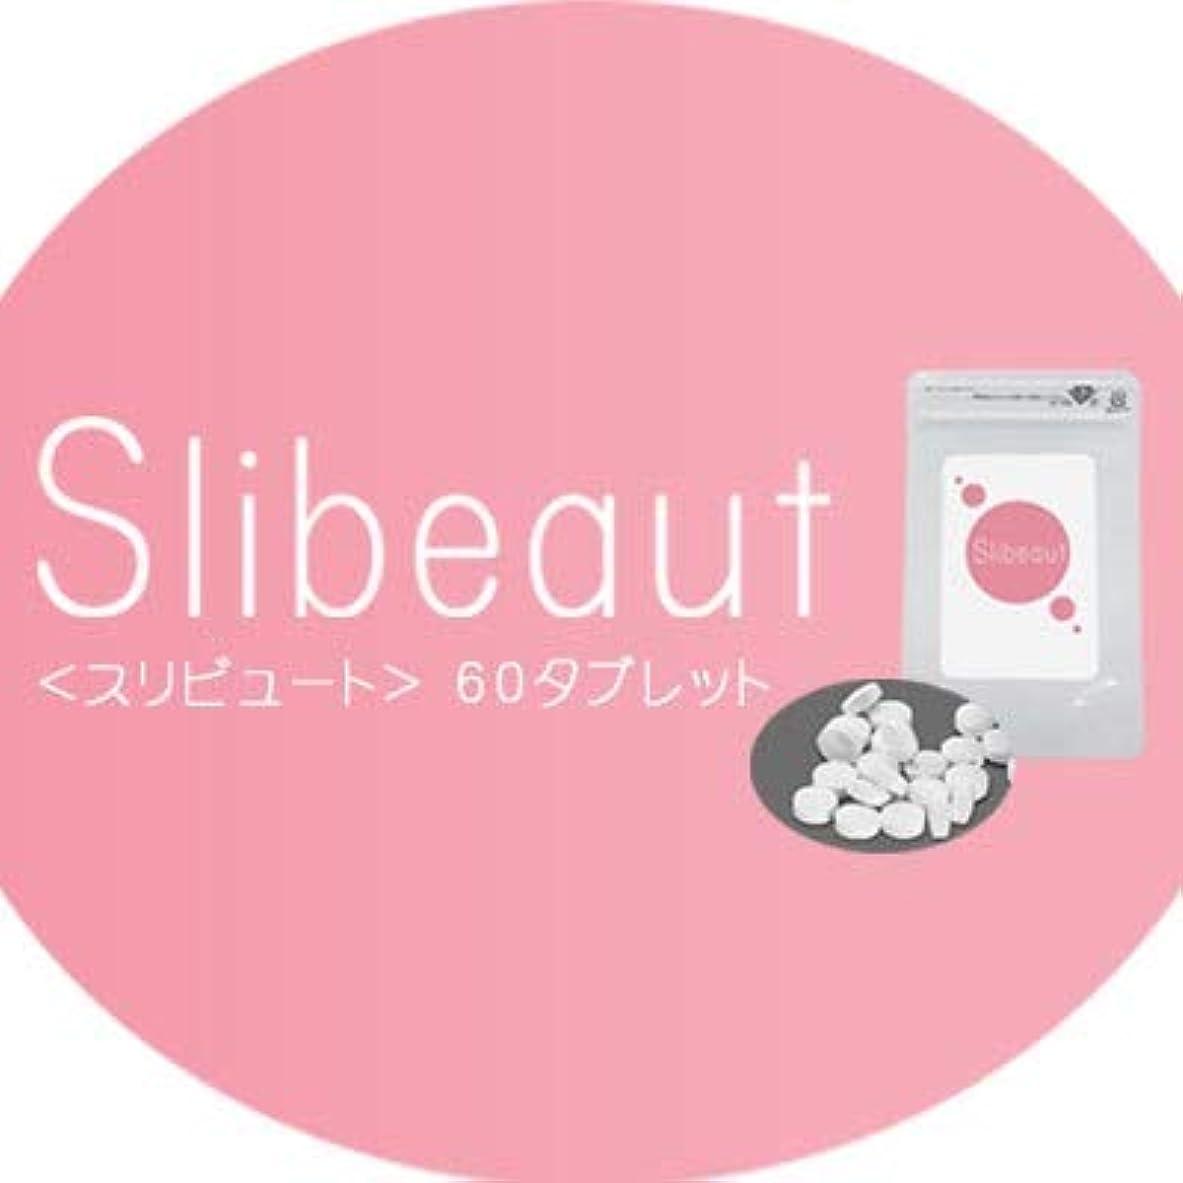 ムス選択唯物論Slibeaut(スリビュート)~ダイエットサポートサプリ~